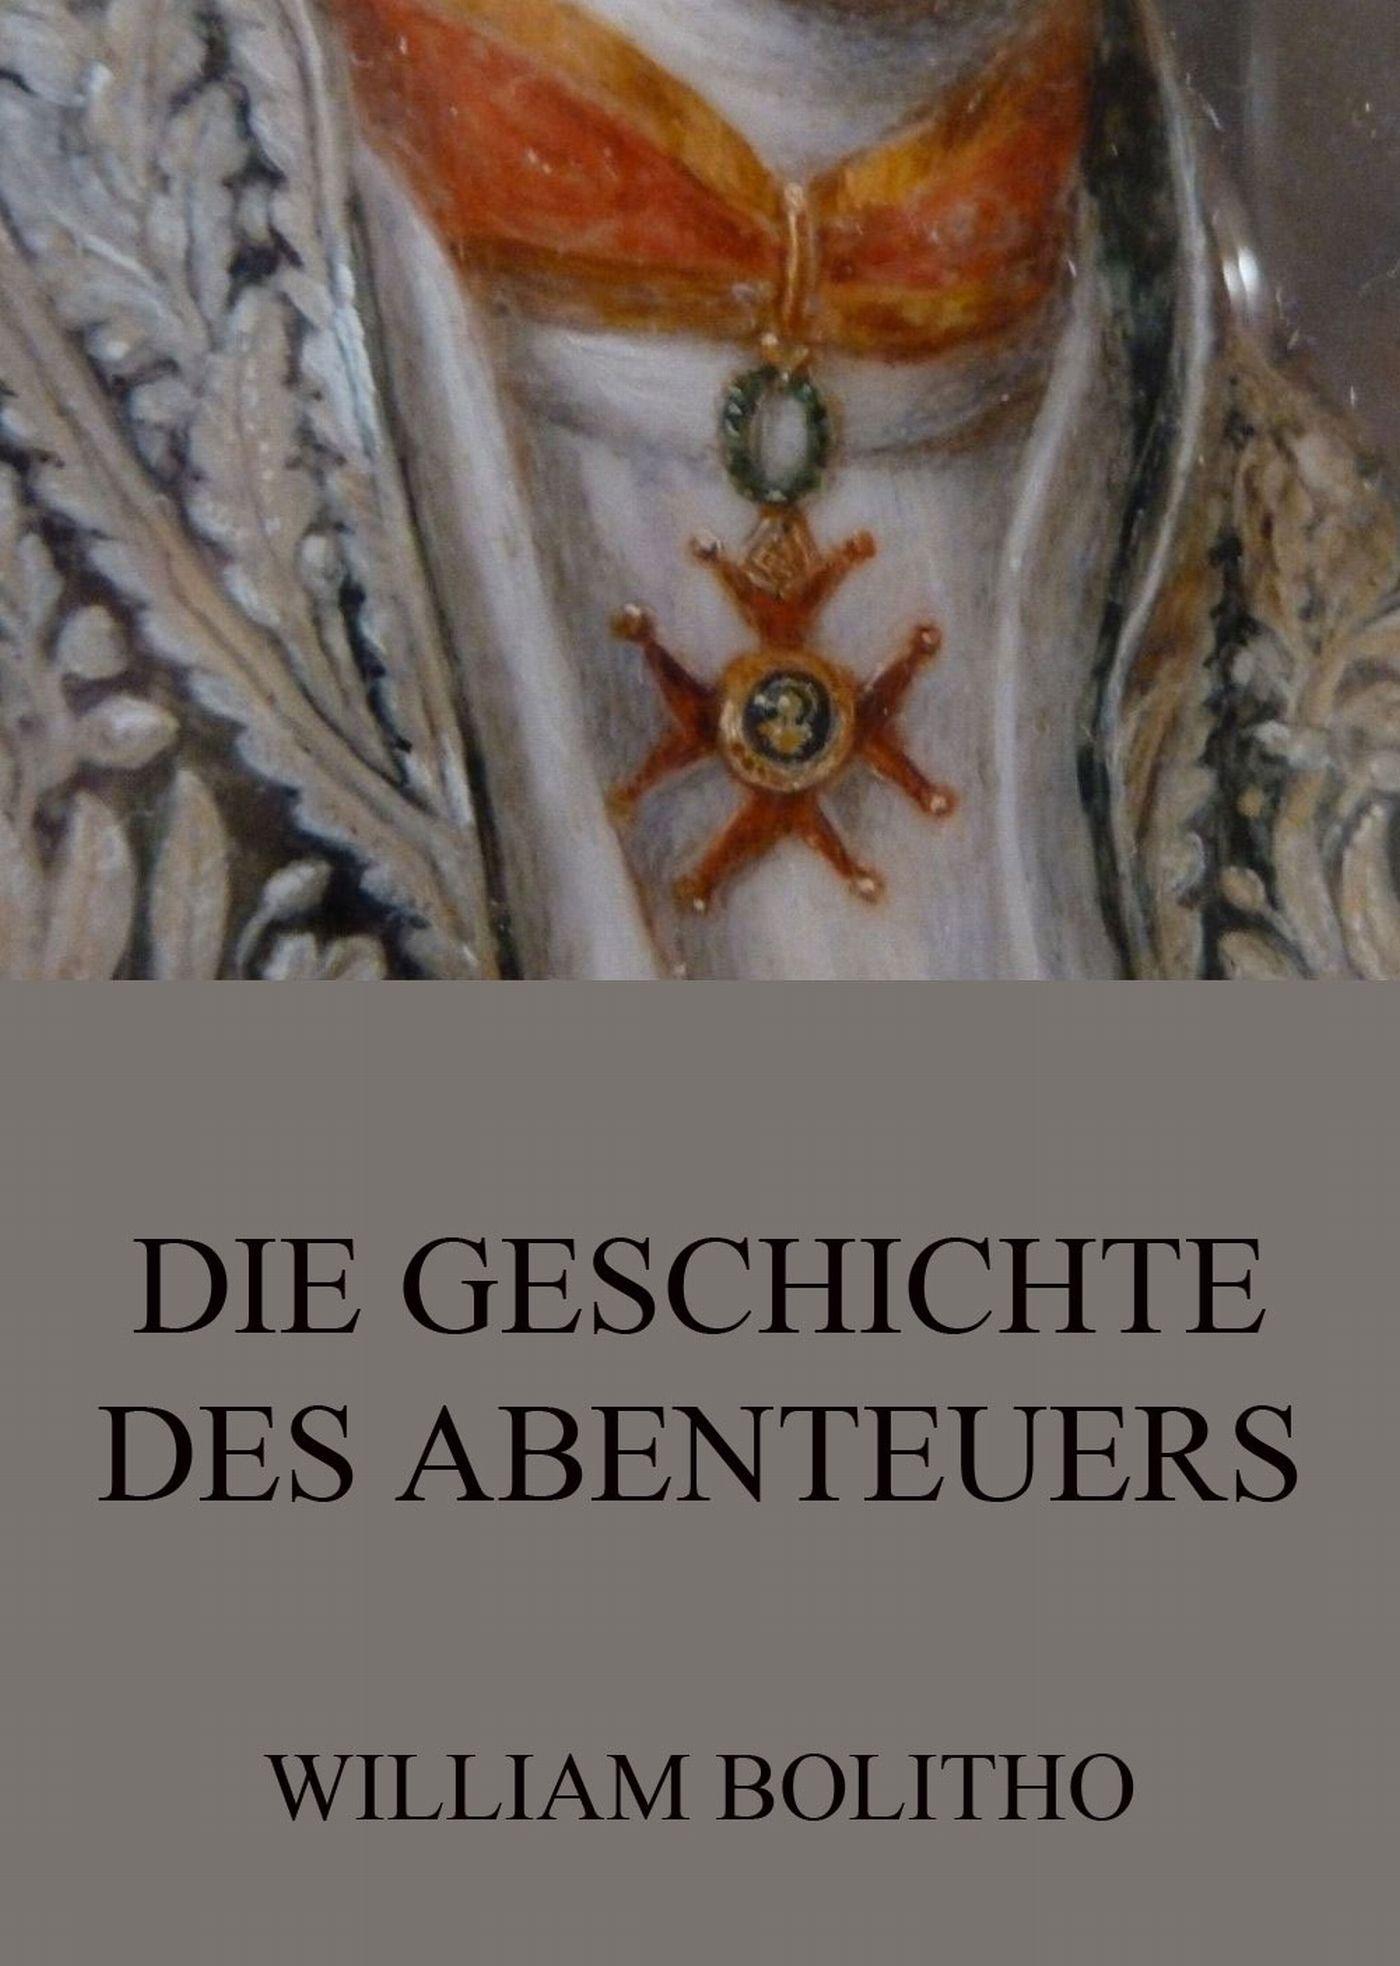 цены William Bolitho Die Geschichte des Abenteuers